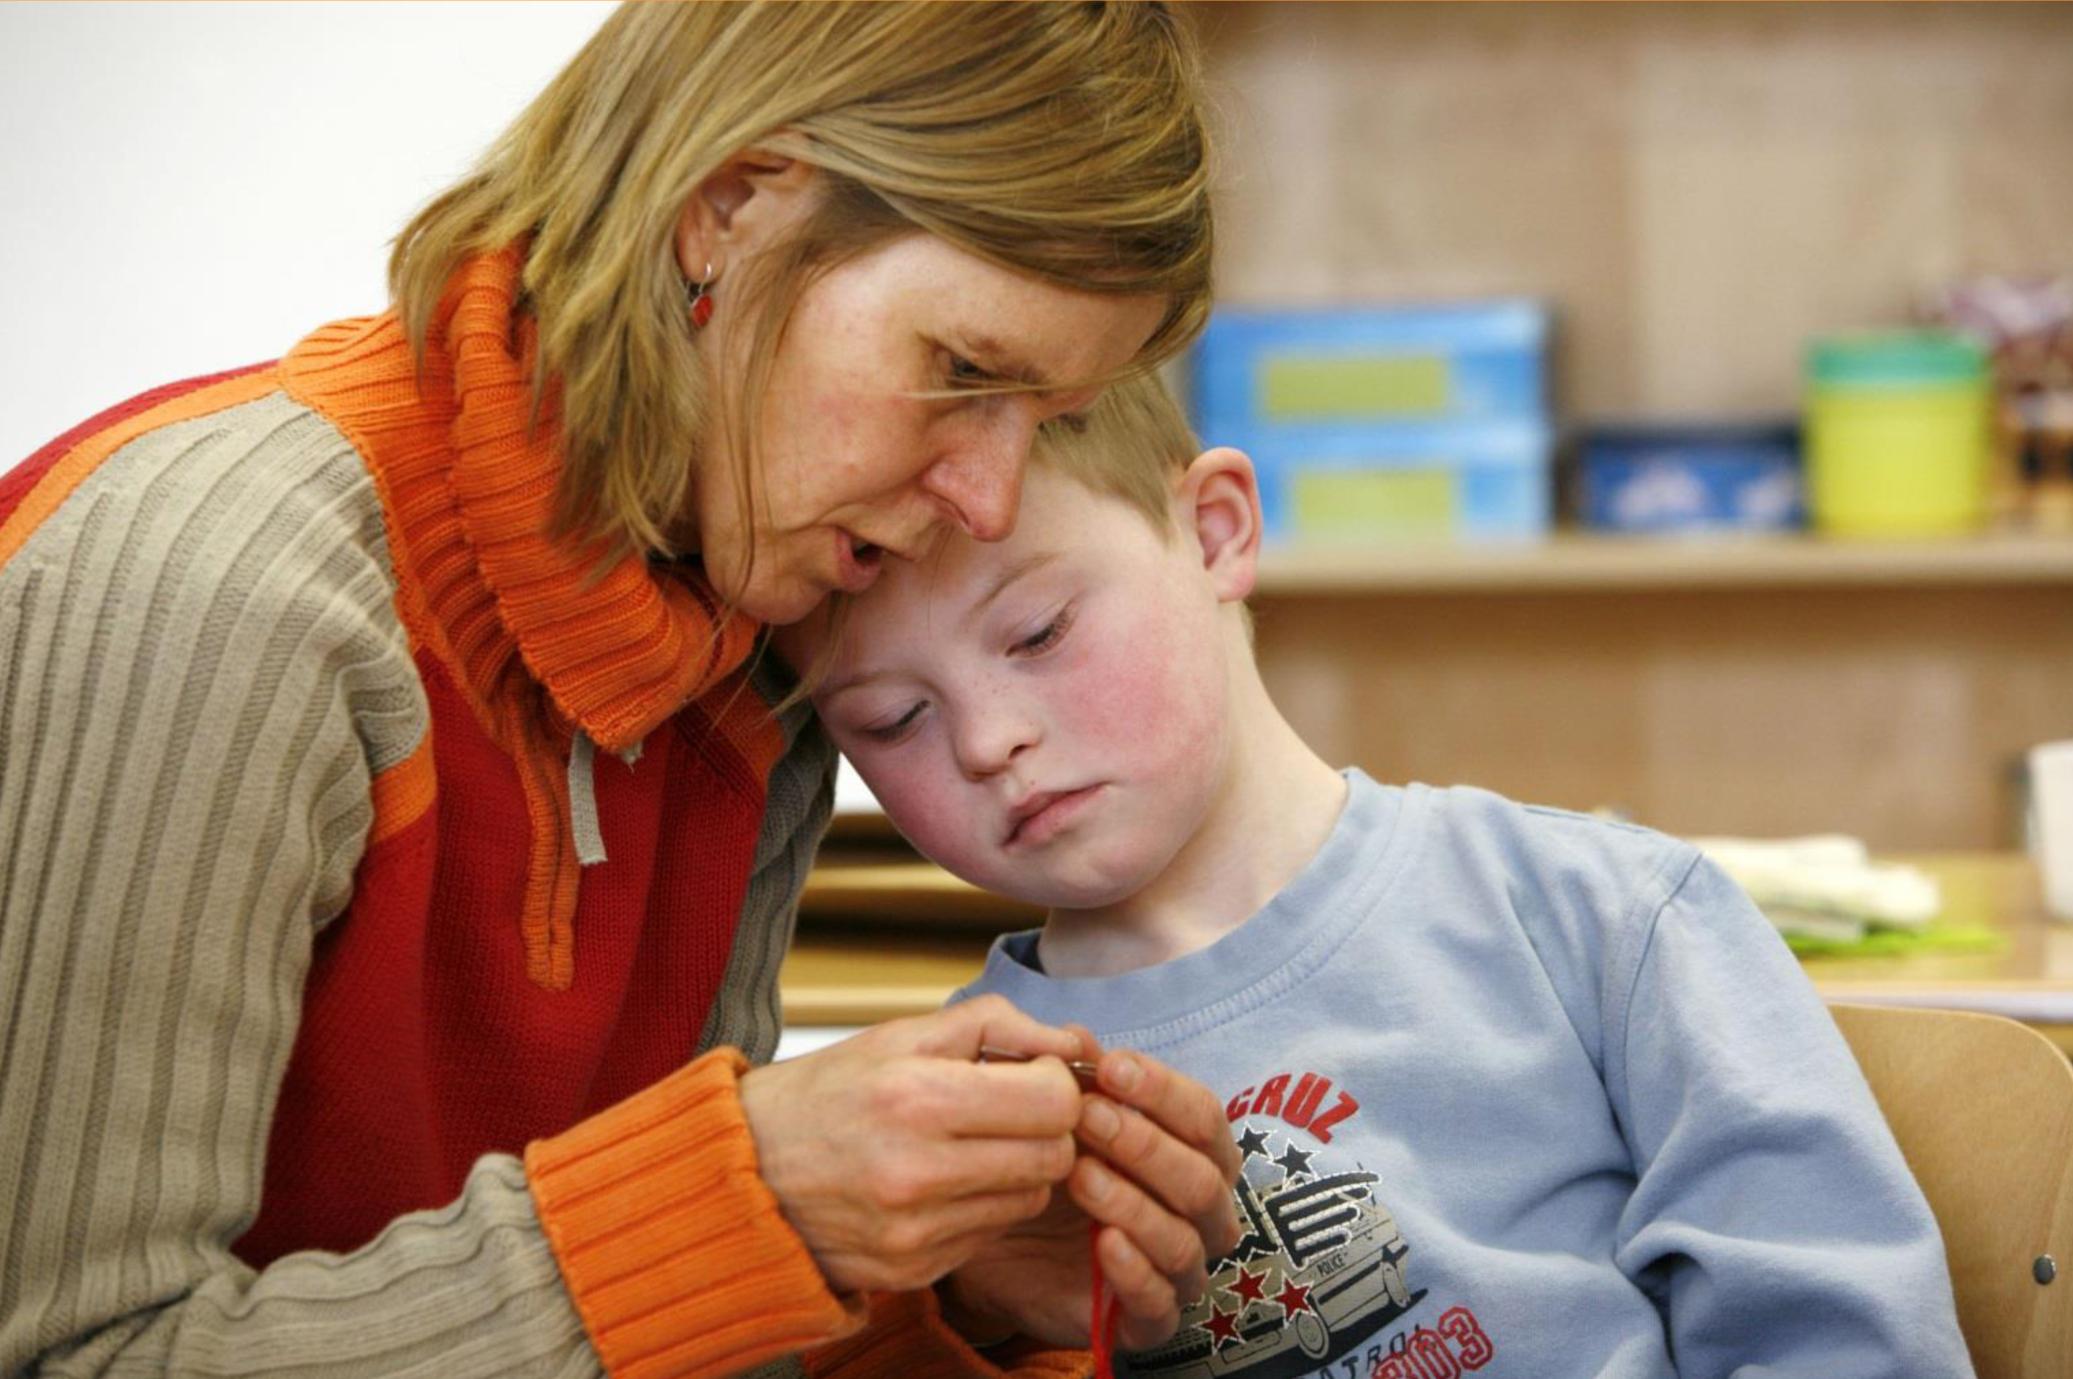 Séance d'information sur les droits sociaux de l'enfant avec handicap